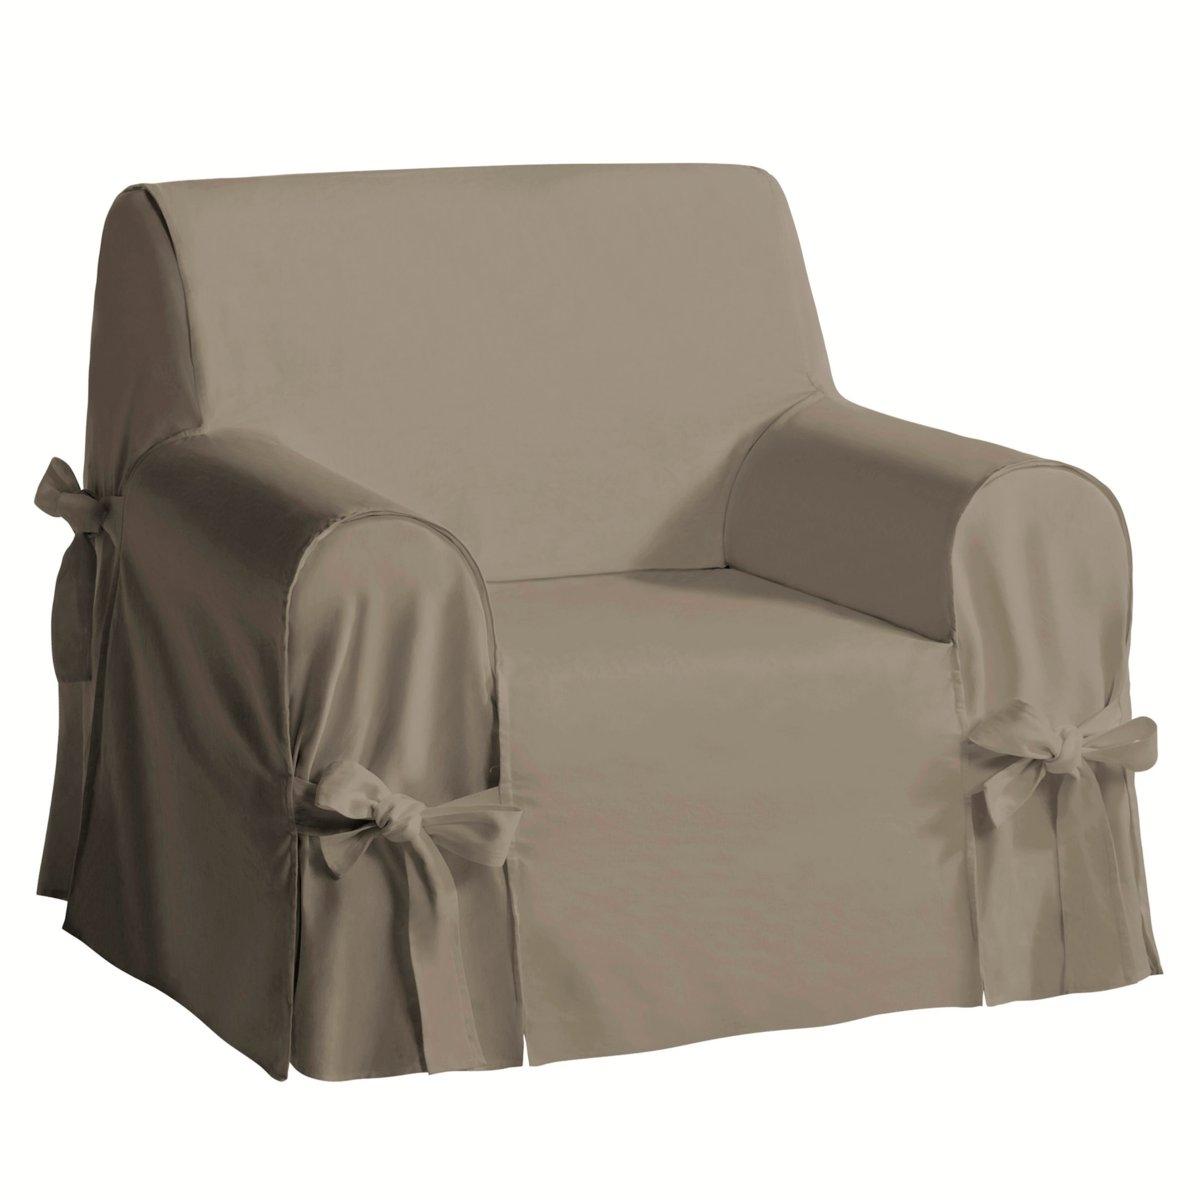 Чехол на кресло из льна и хлопка, JIMIЧехол на кресло из льна и хлопка, исключительное качество ткани плотного переплетения.Характеристики чехла для кресла :- Смесовая ткань, 55% льна, 45% хлопка.- Плотная ткань, безукоризненный внешний вид.- Высокая устойчивость цветов к воздействию света.- Стирка при 40°С. Размеры чехла для кресла :- Разм. общ. : выс. общ: 102 см, гл. сиденья : 60 см.<br><br>Цвет: антрацит,серо-коричневый каштан,серый,экрю<br>Размер: единый размер.единый размер.единый размер